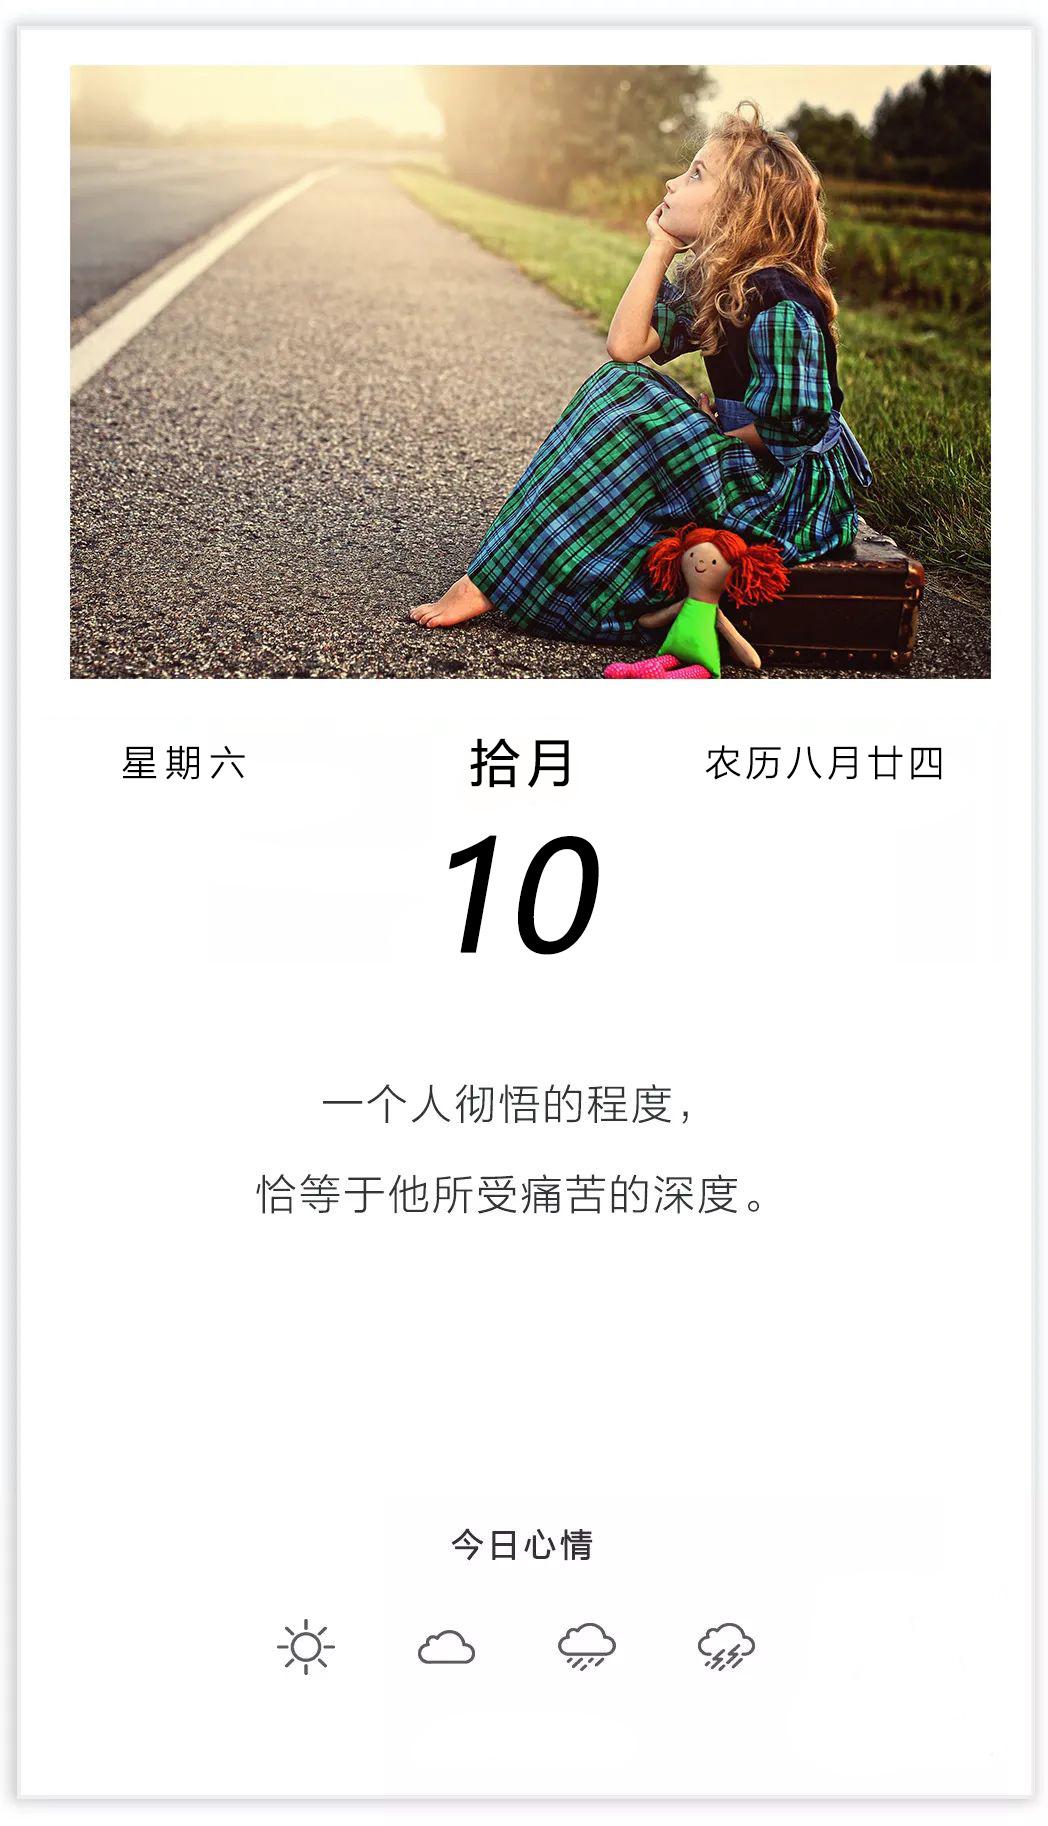 10月10日早安语录图片励志:熬过低配的苦,才能过上高配的生活